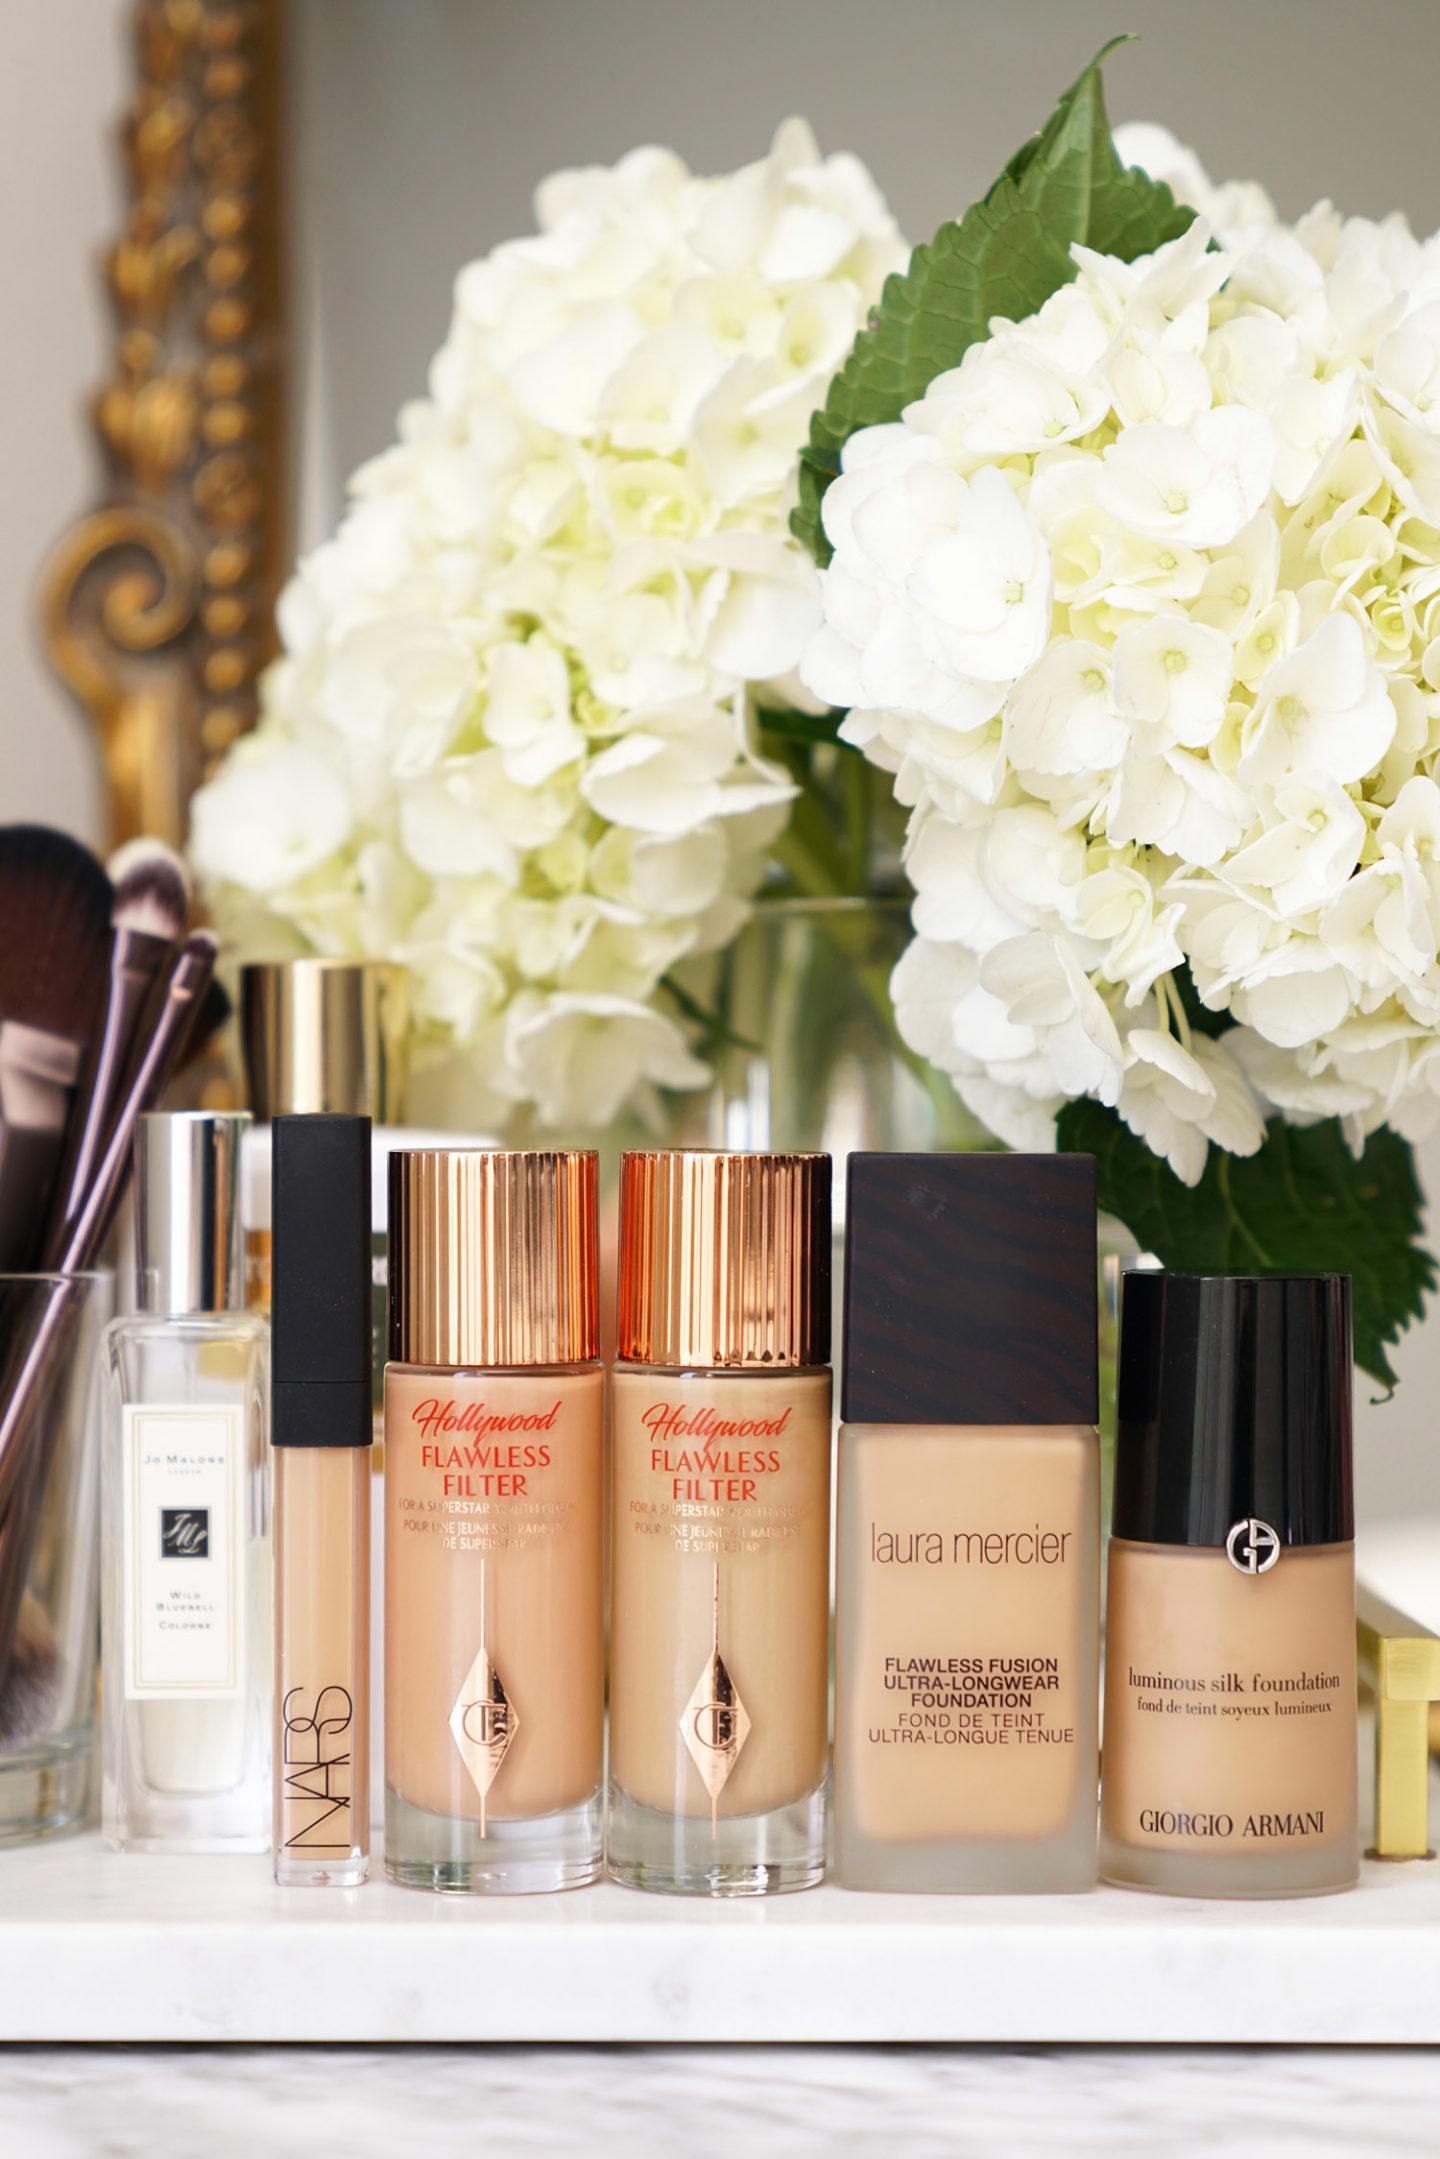 Bases de maquillage préférées NARS, Charlotte Tilbury, Laura Mercier et Armani Luminous Silk